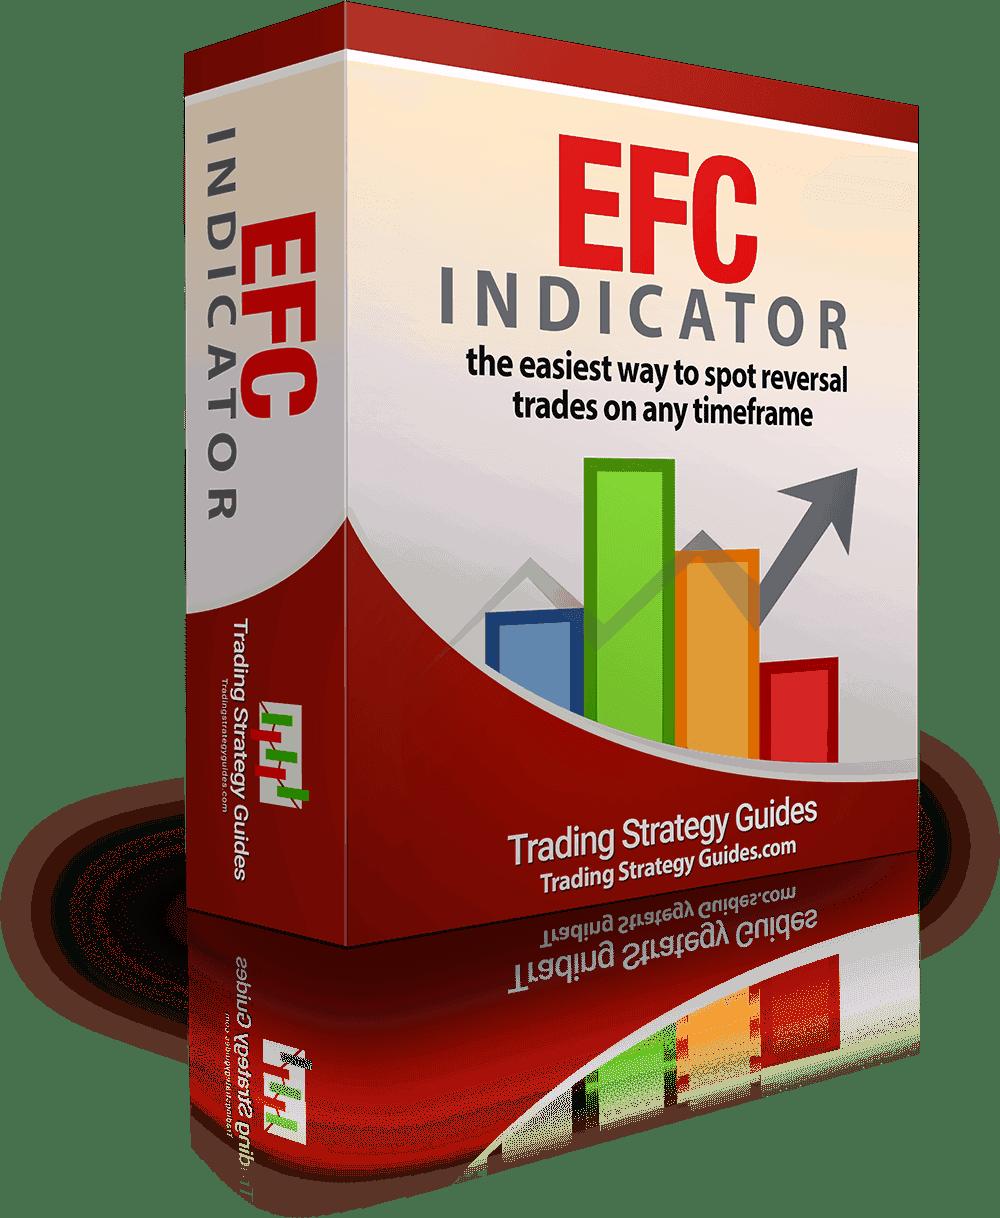 efc indicator trading strategy